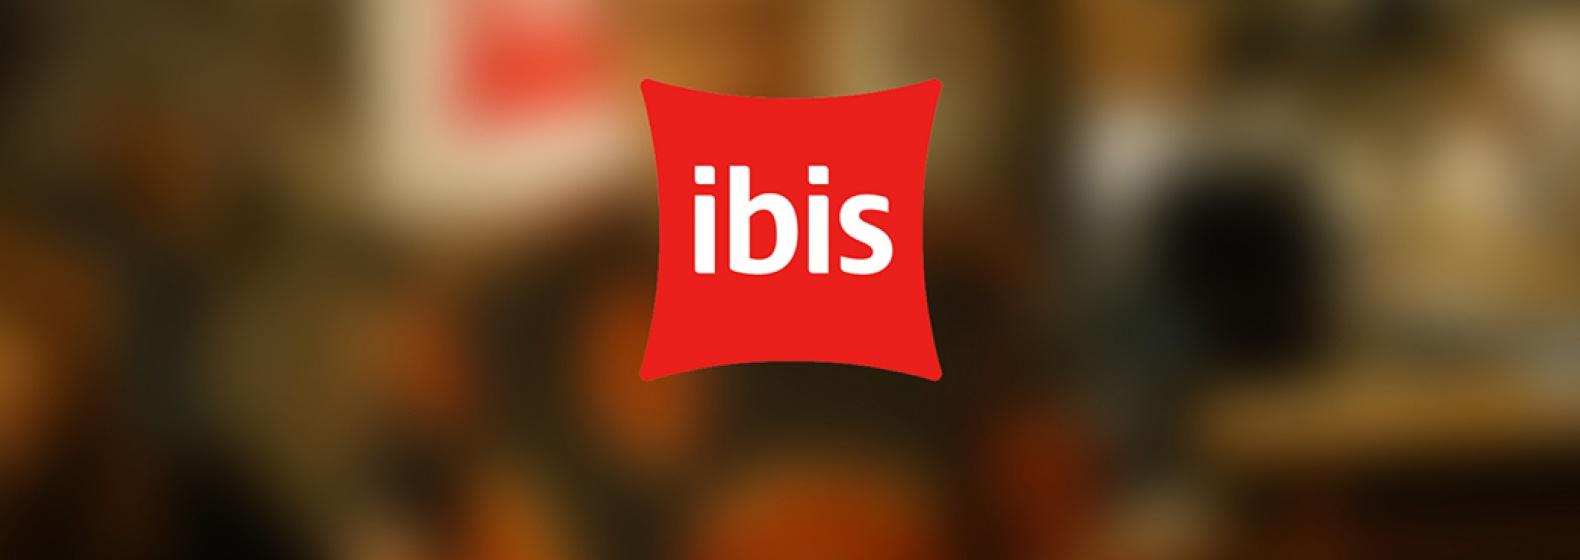 ibis-r.jpg